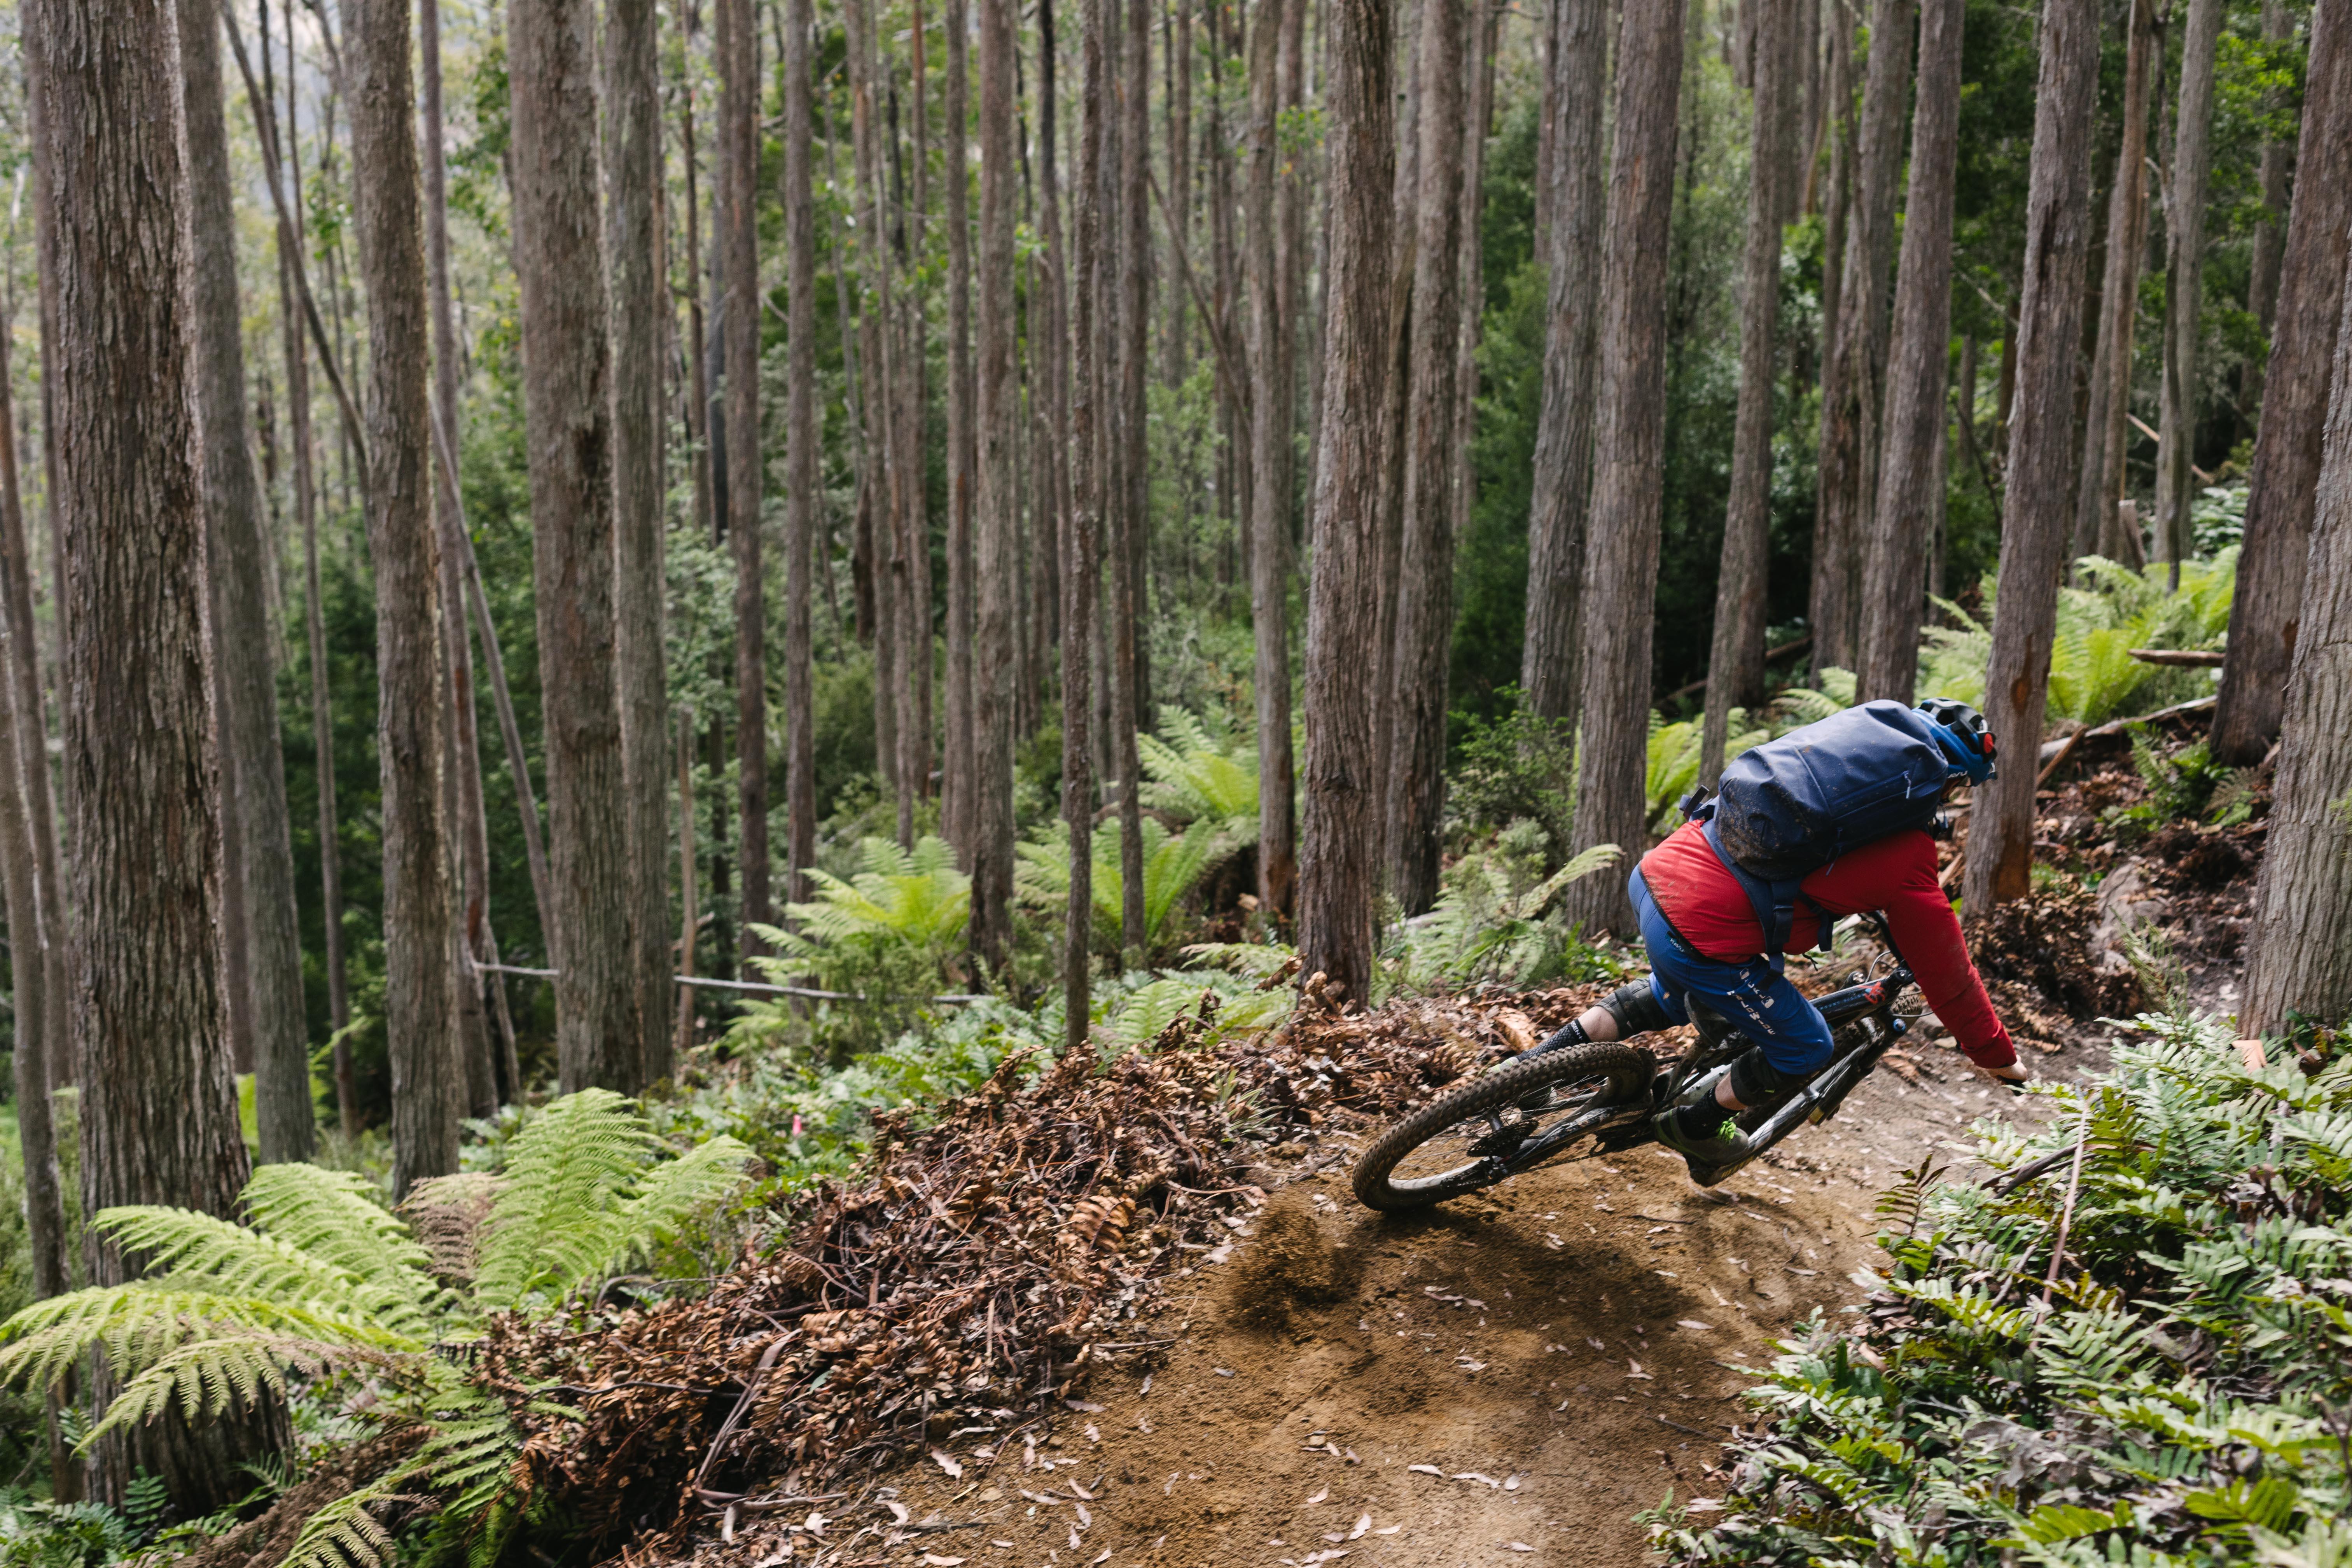 c30fd482271 MTB Pro Picks: Best Mountain Bike Accessories for 2019 | GearJunkie